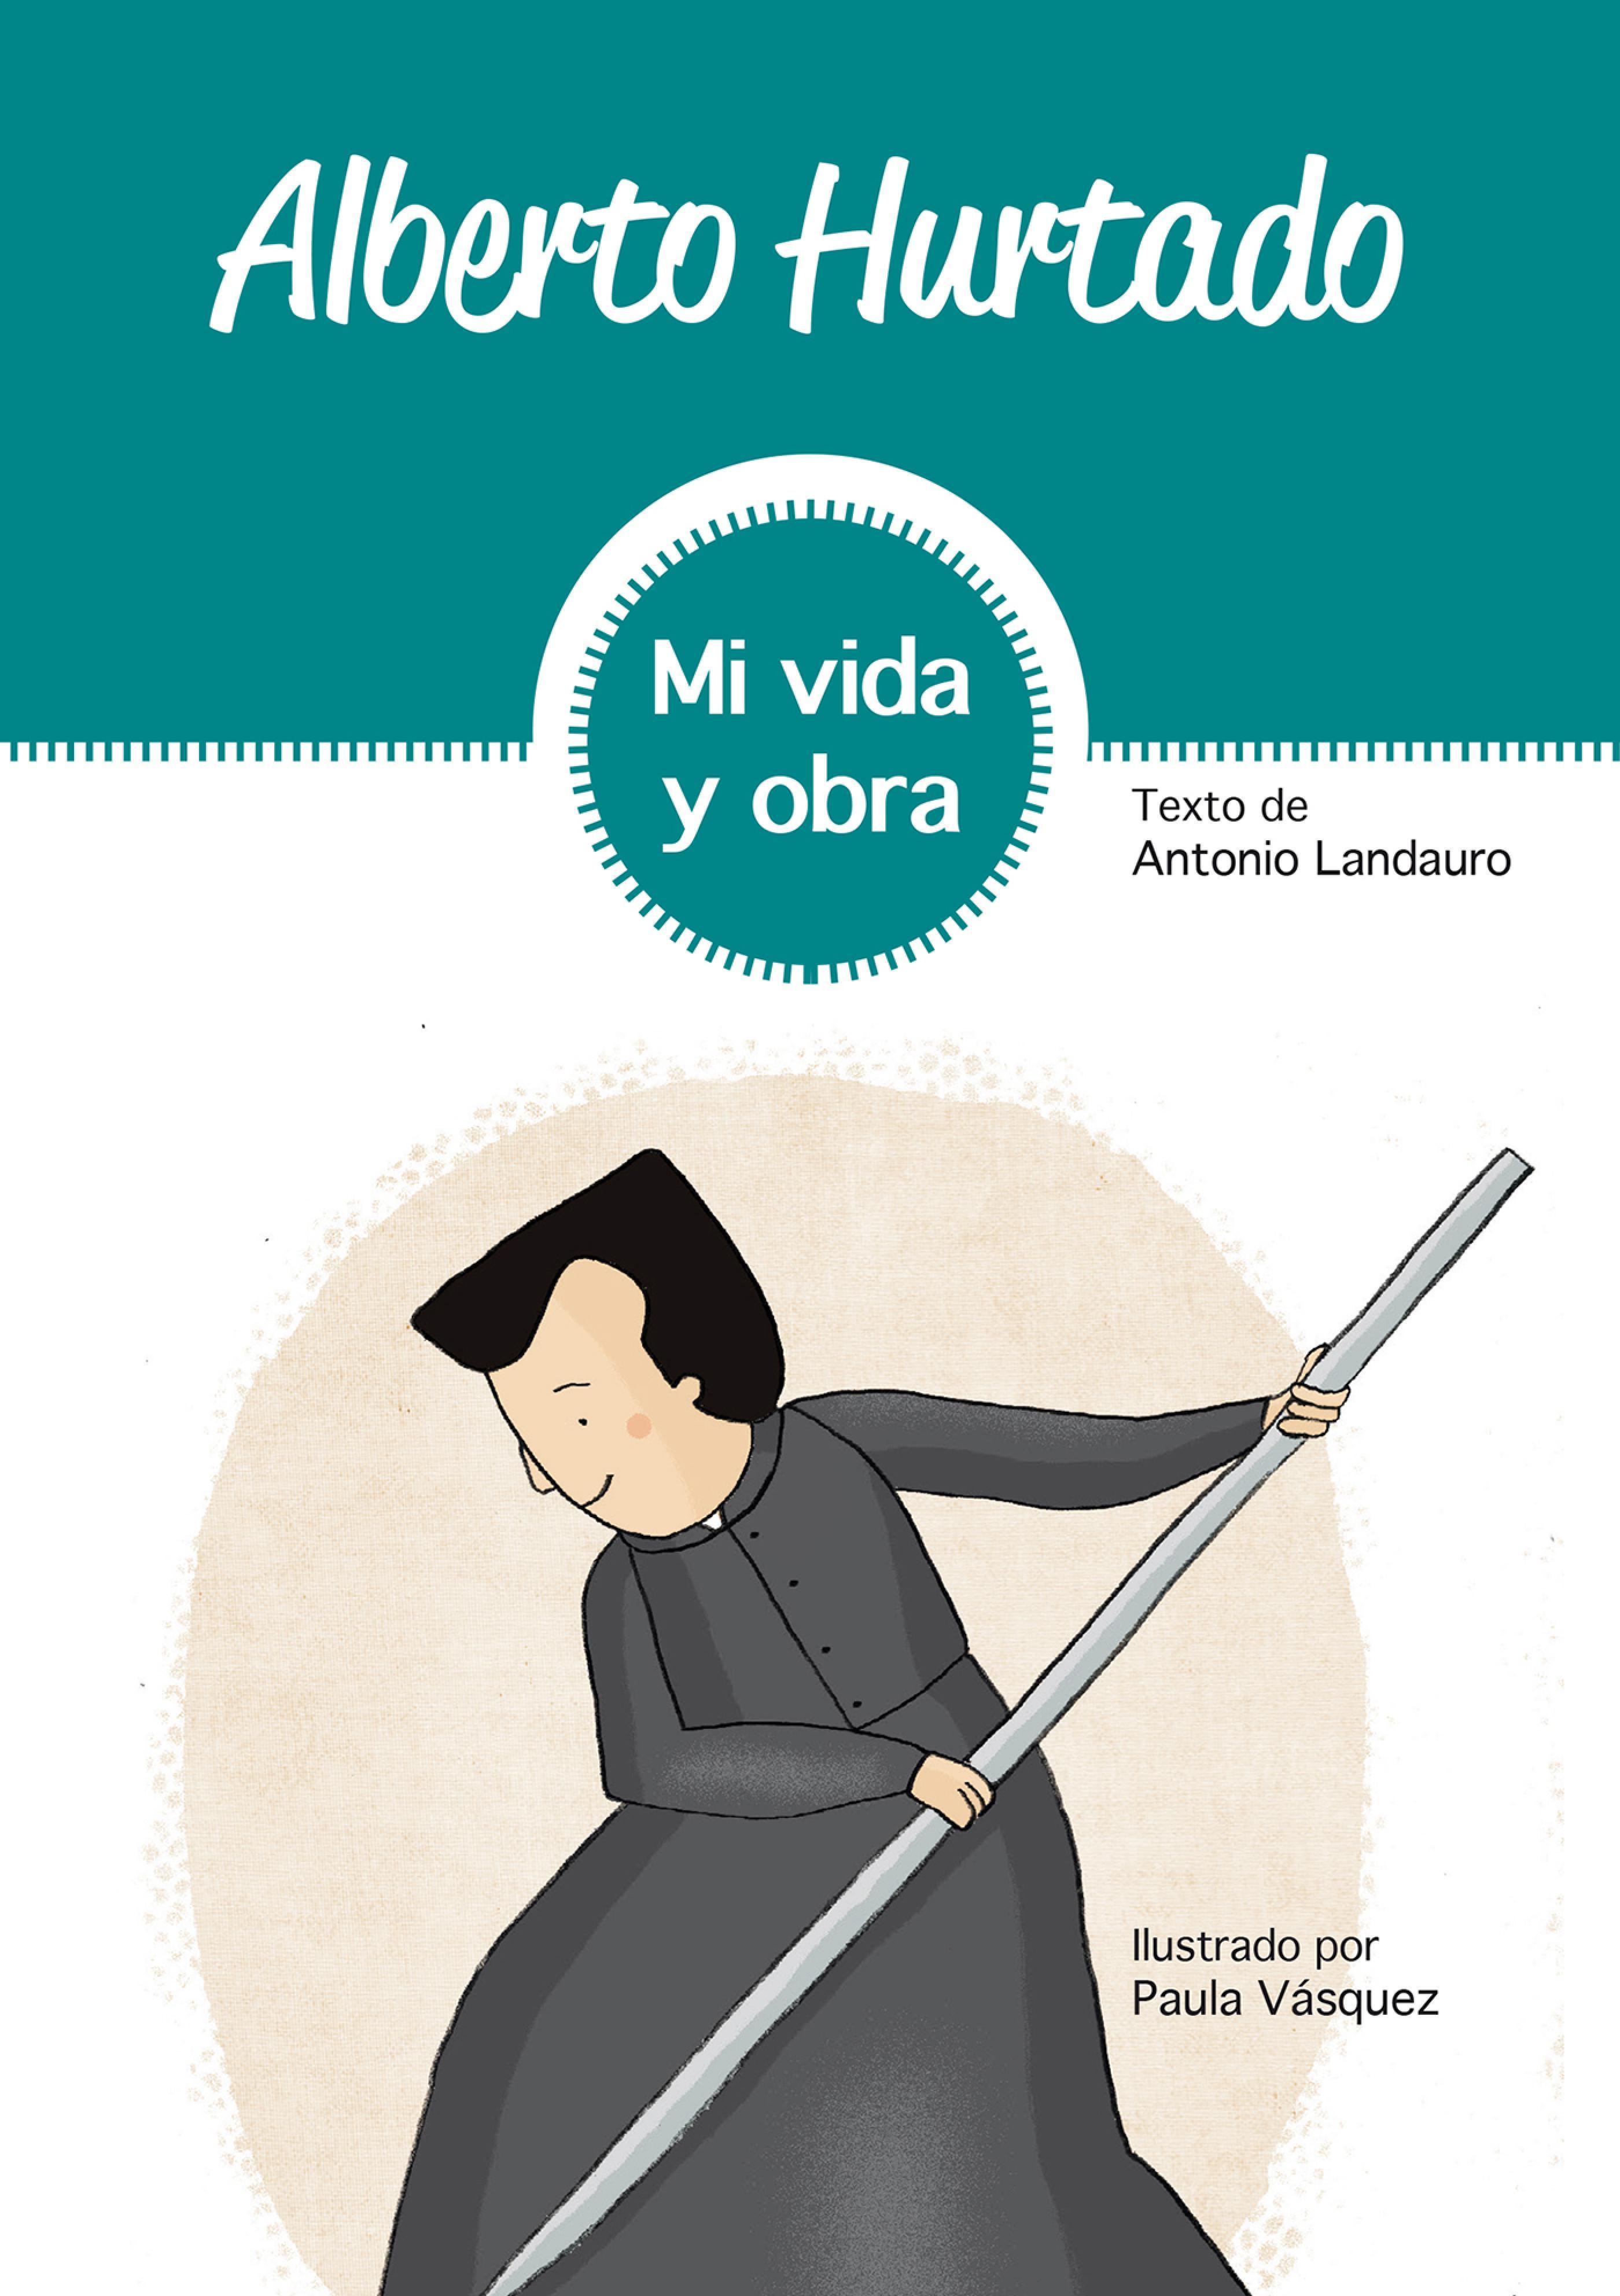 цена на Antonio Landauro Marín Alberto Hurtado